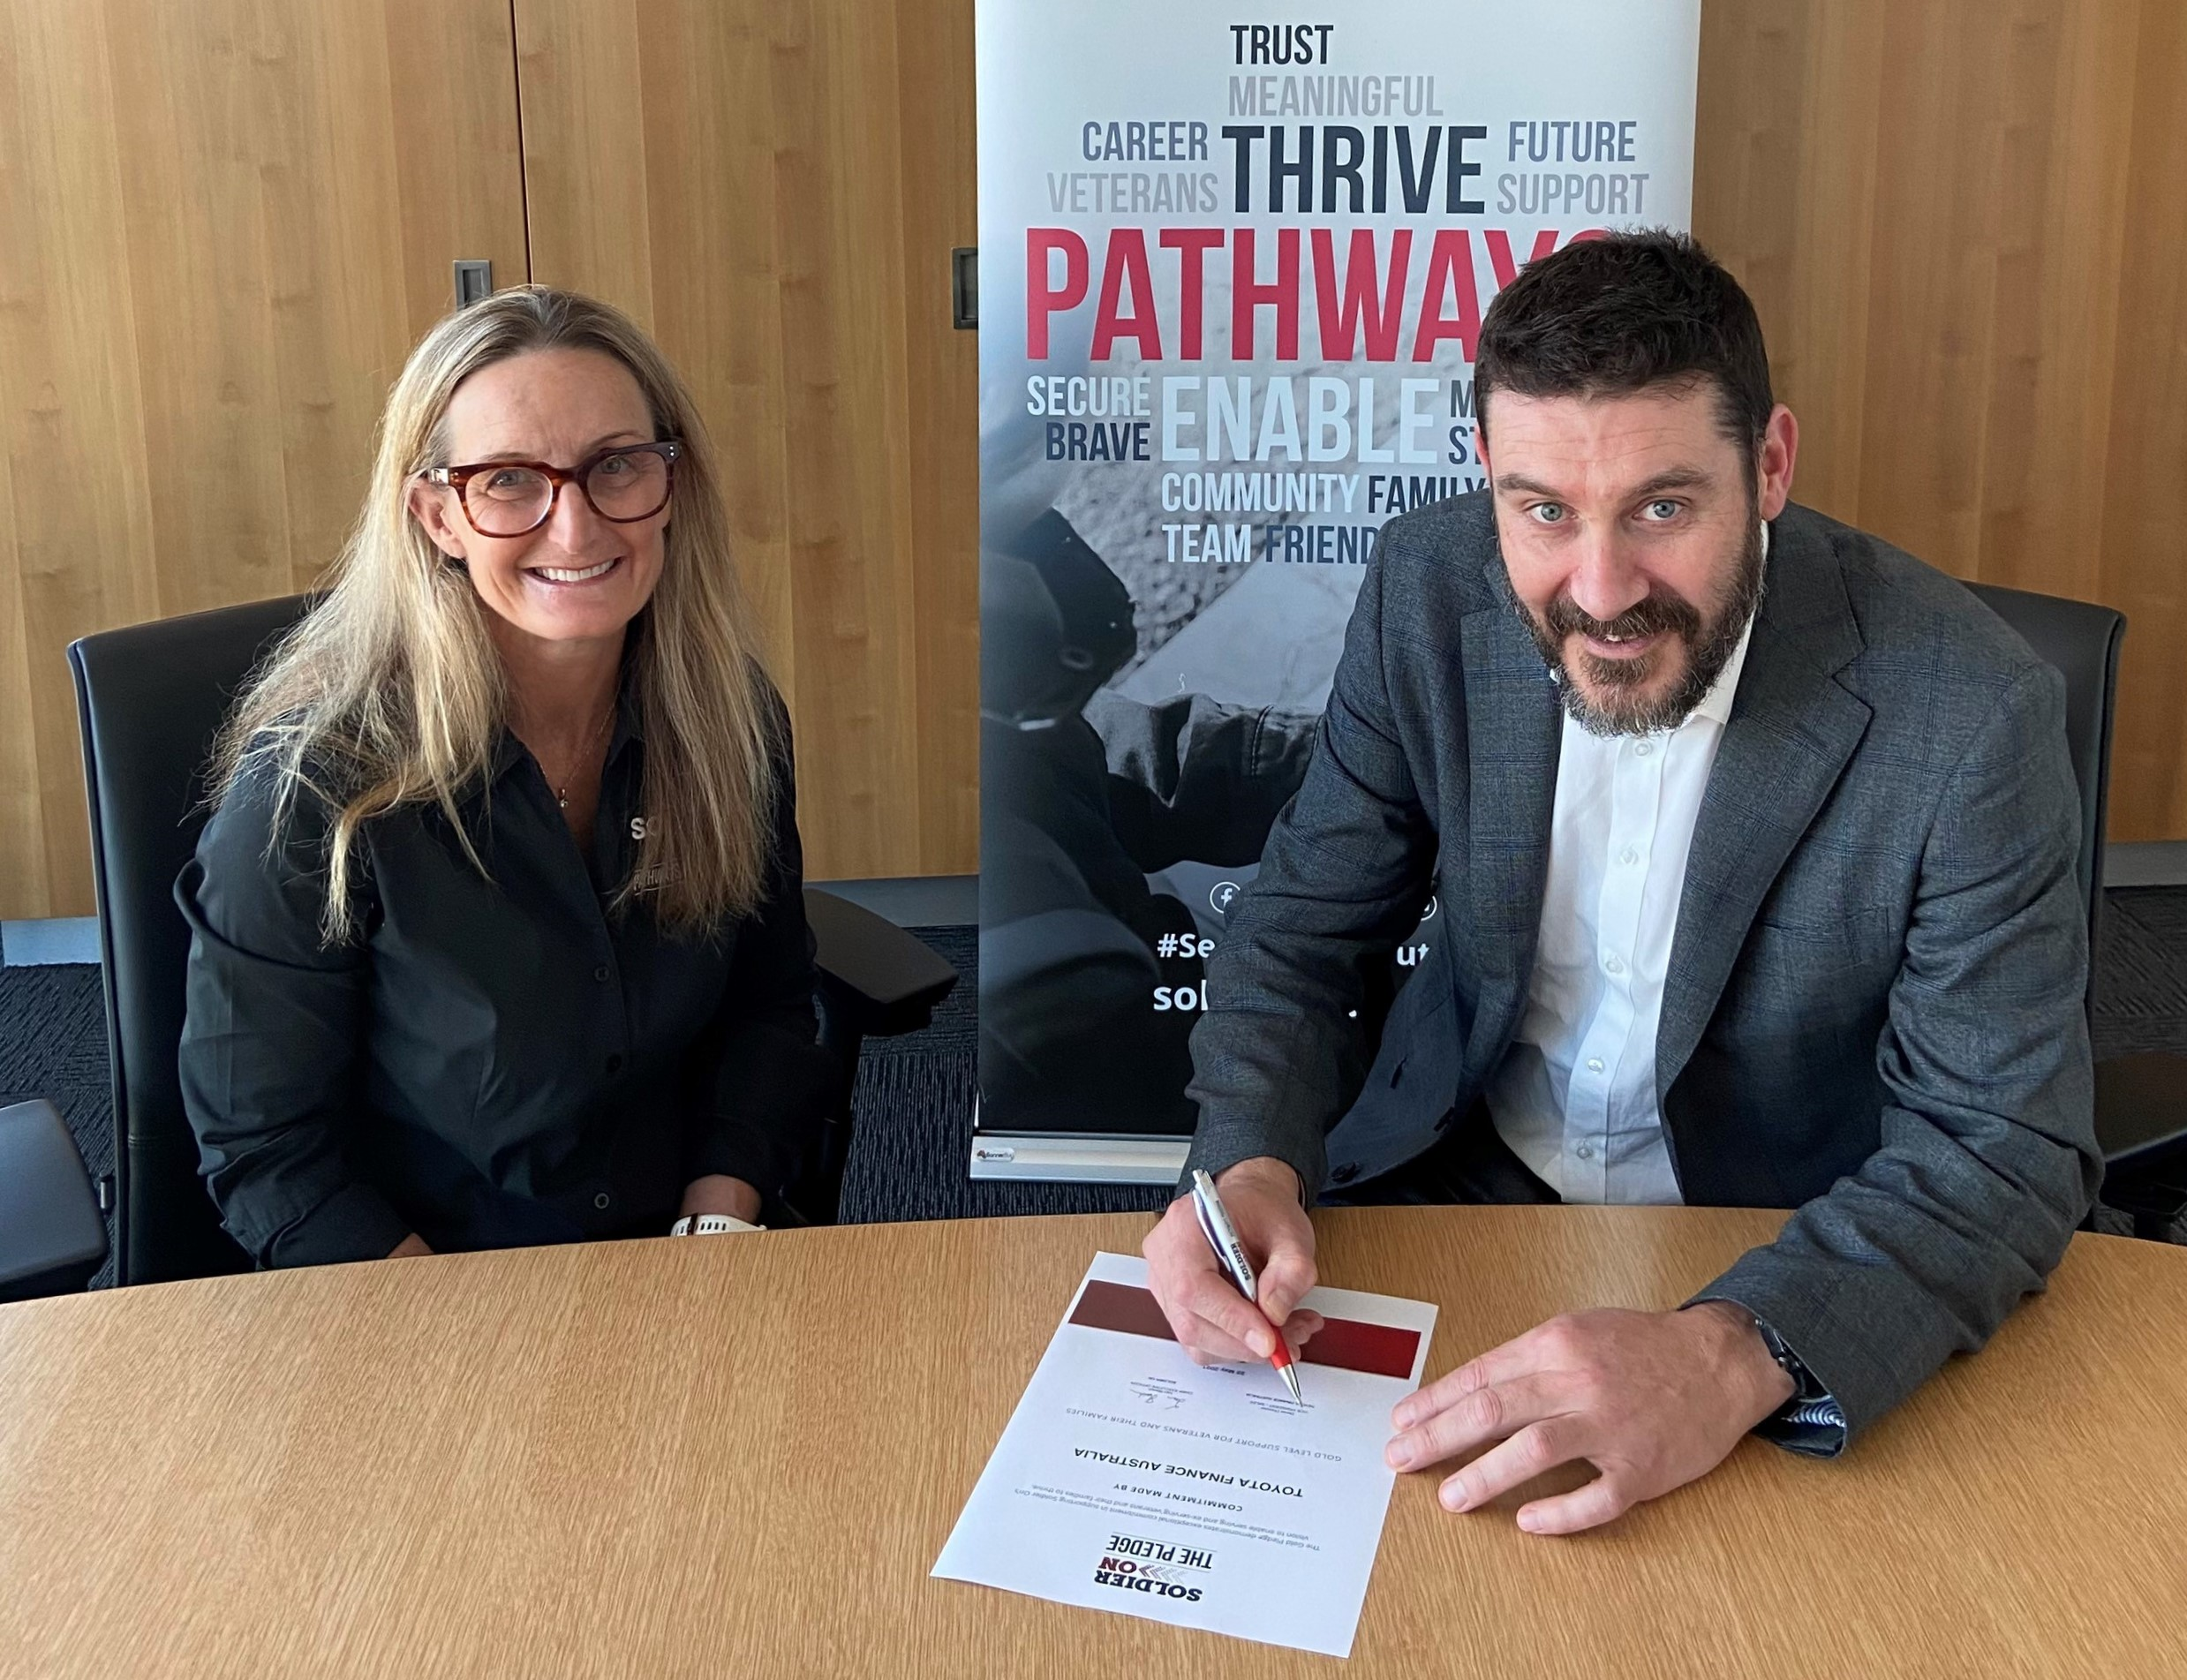 Toyota Finance Australia Commits to Support Australian Veterans